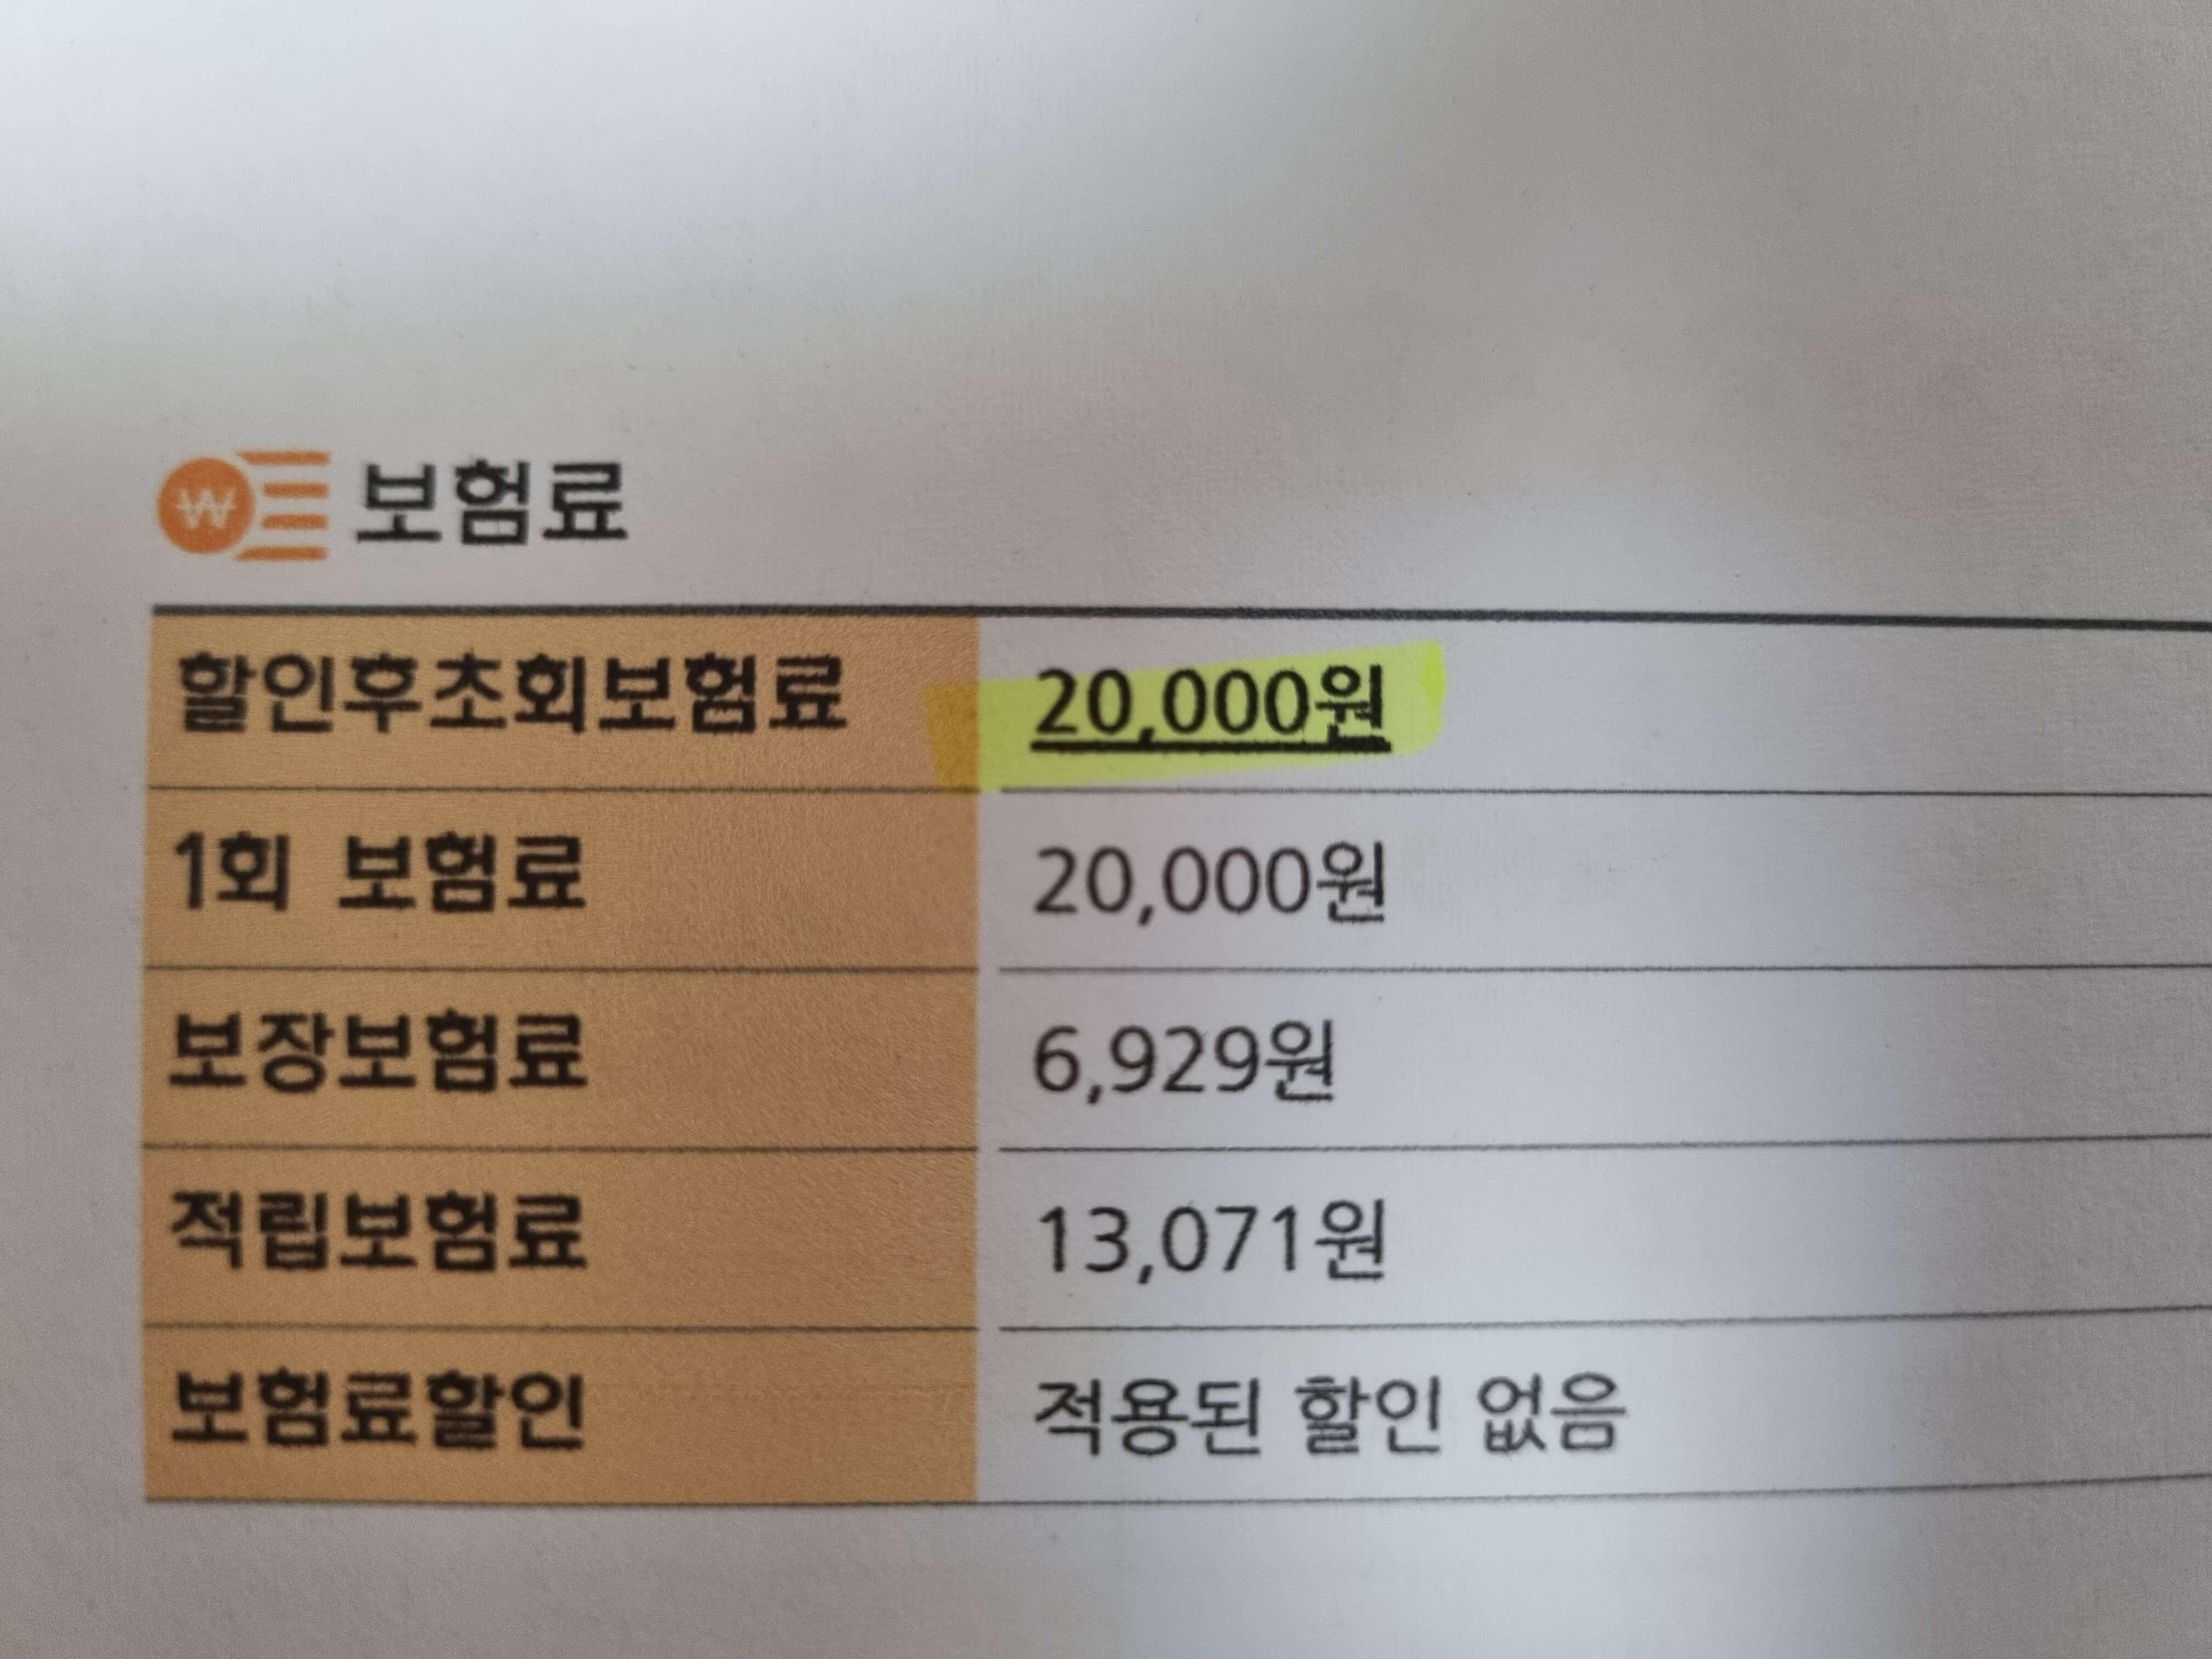 2만원-화재보험